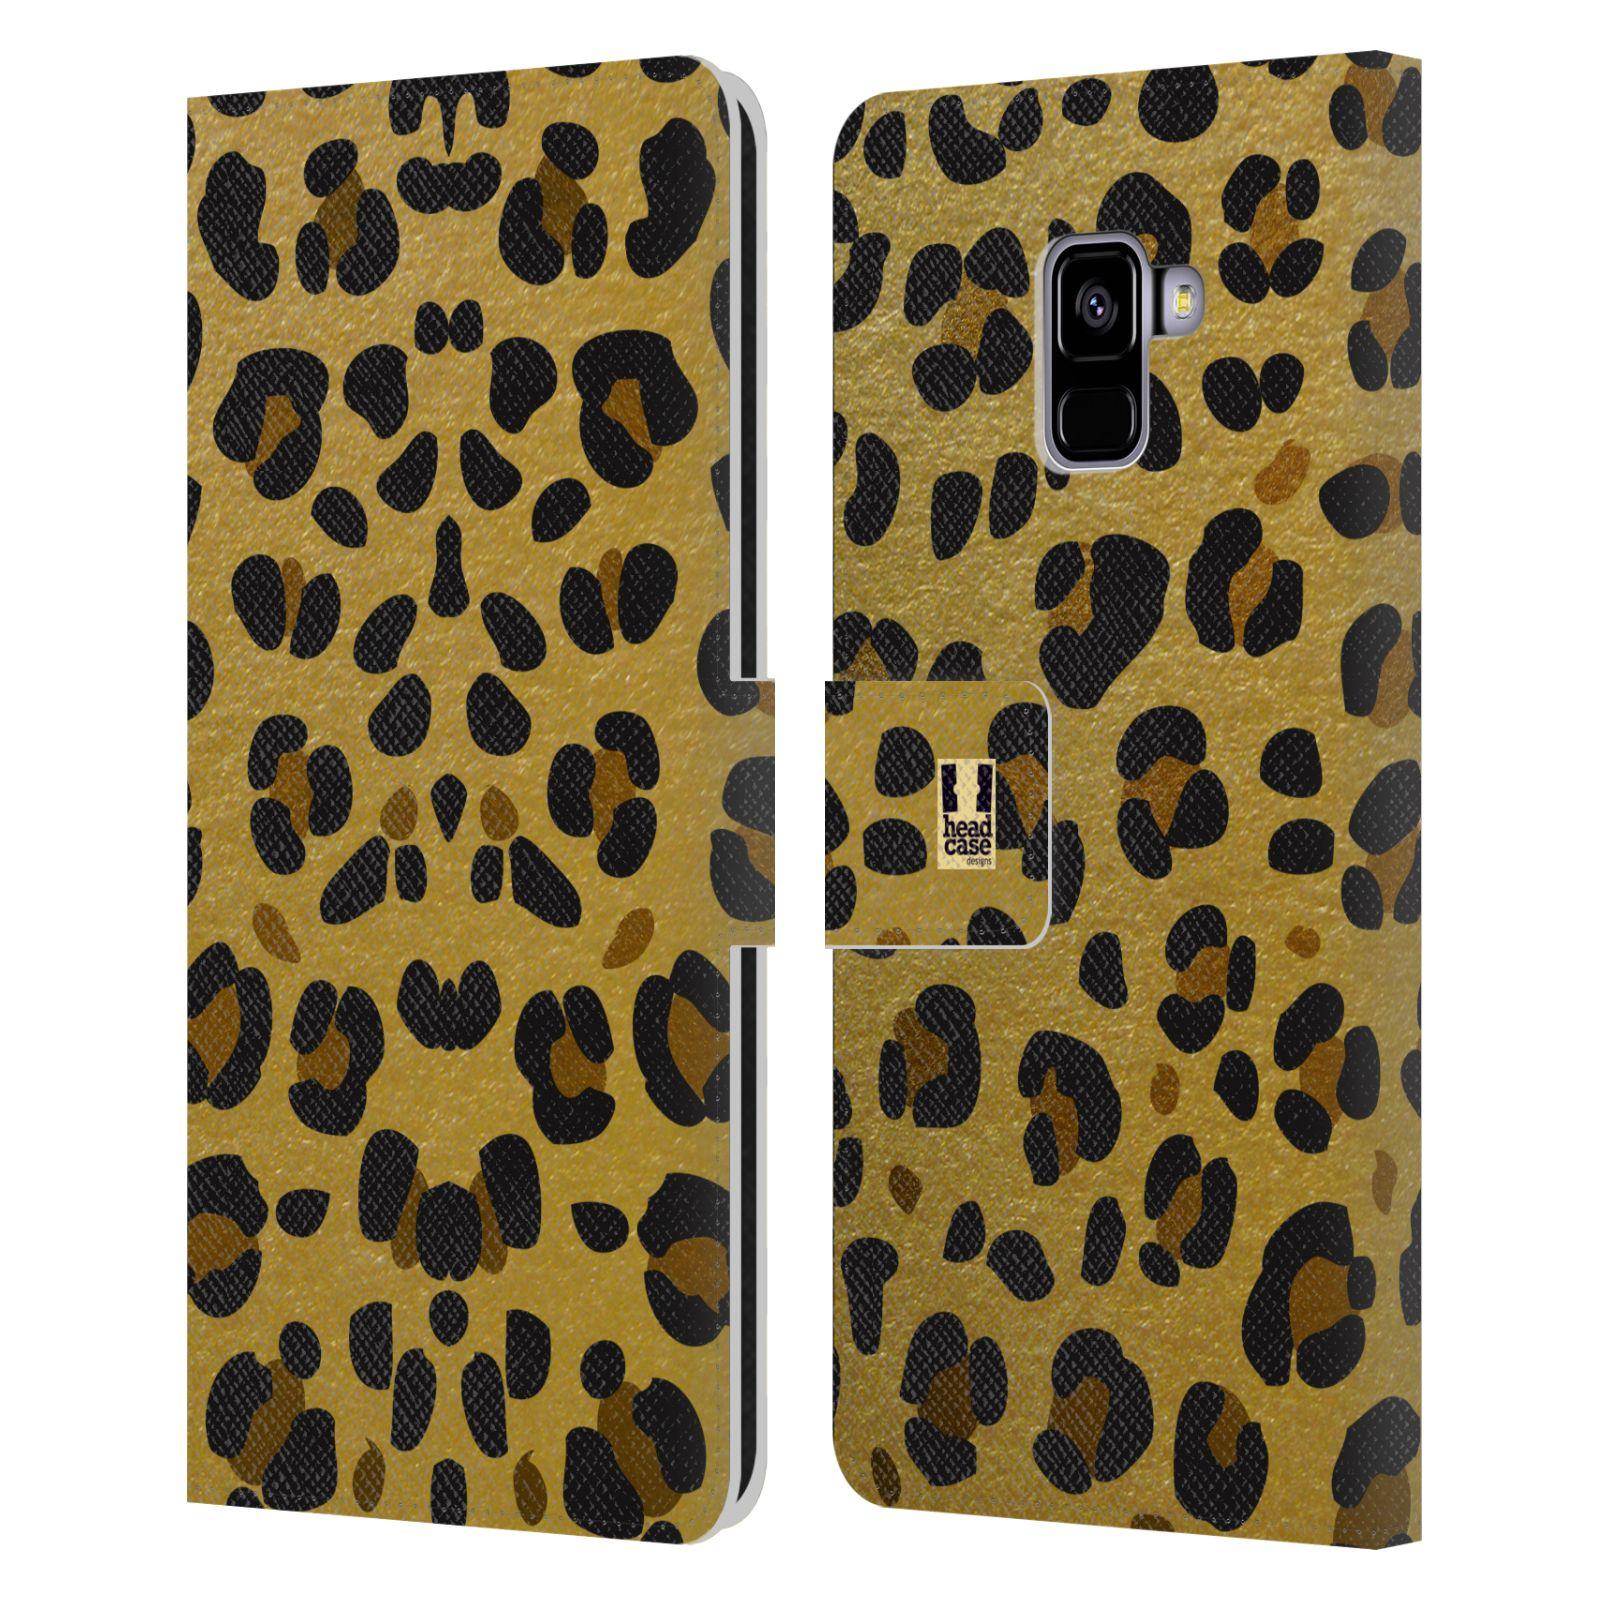 Pouzdro na mobil Samsung Galaxy A8 PLUS 2018 - Head Case - Fashion zvířecí vzor